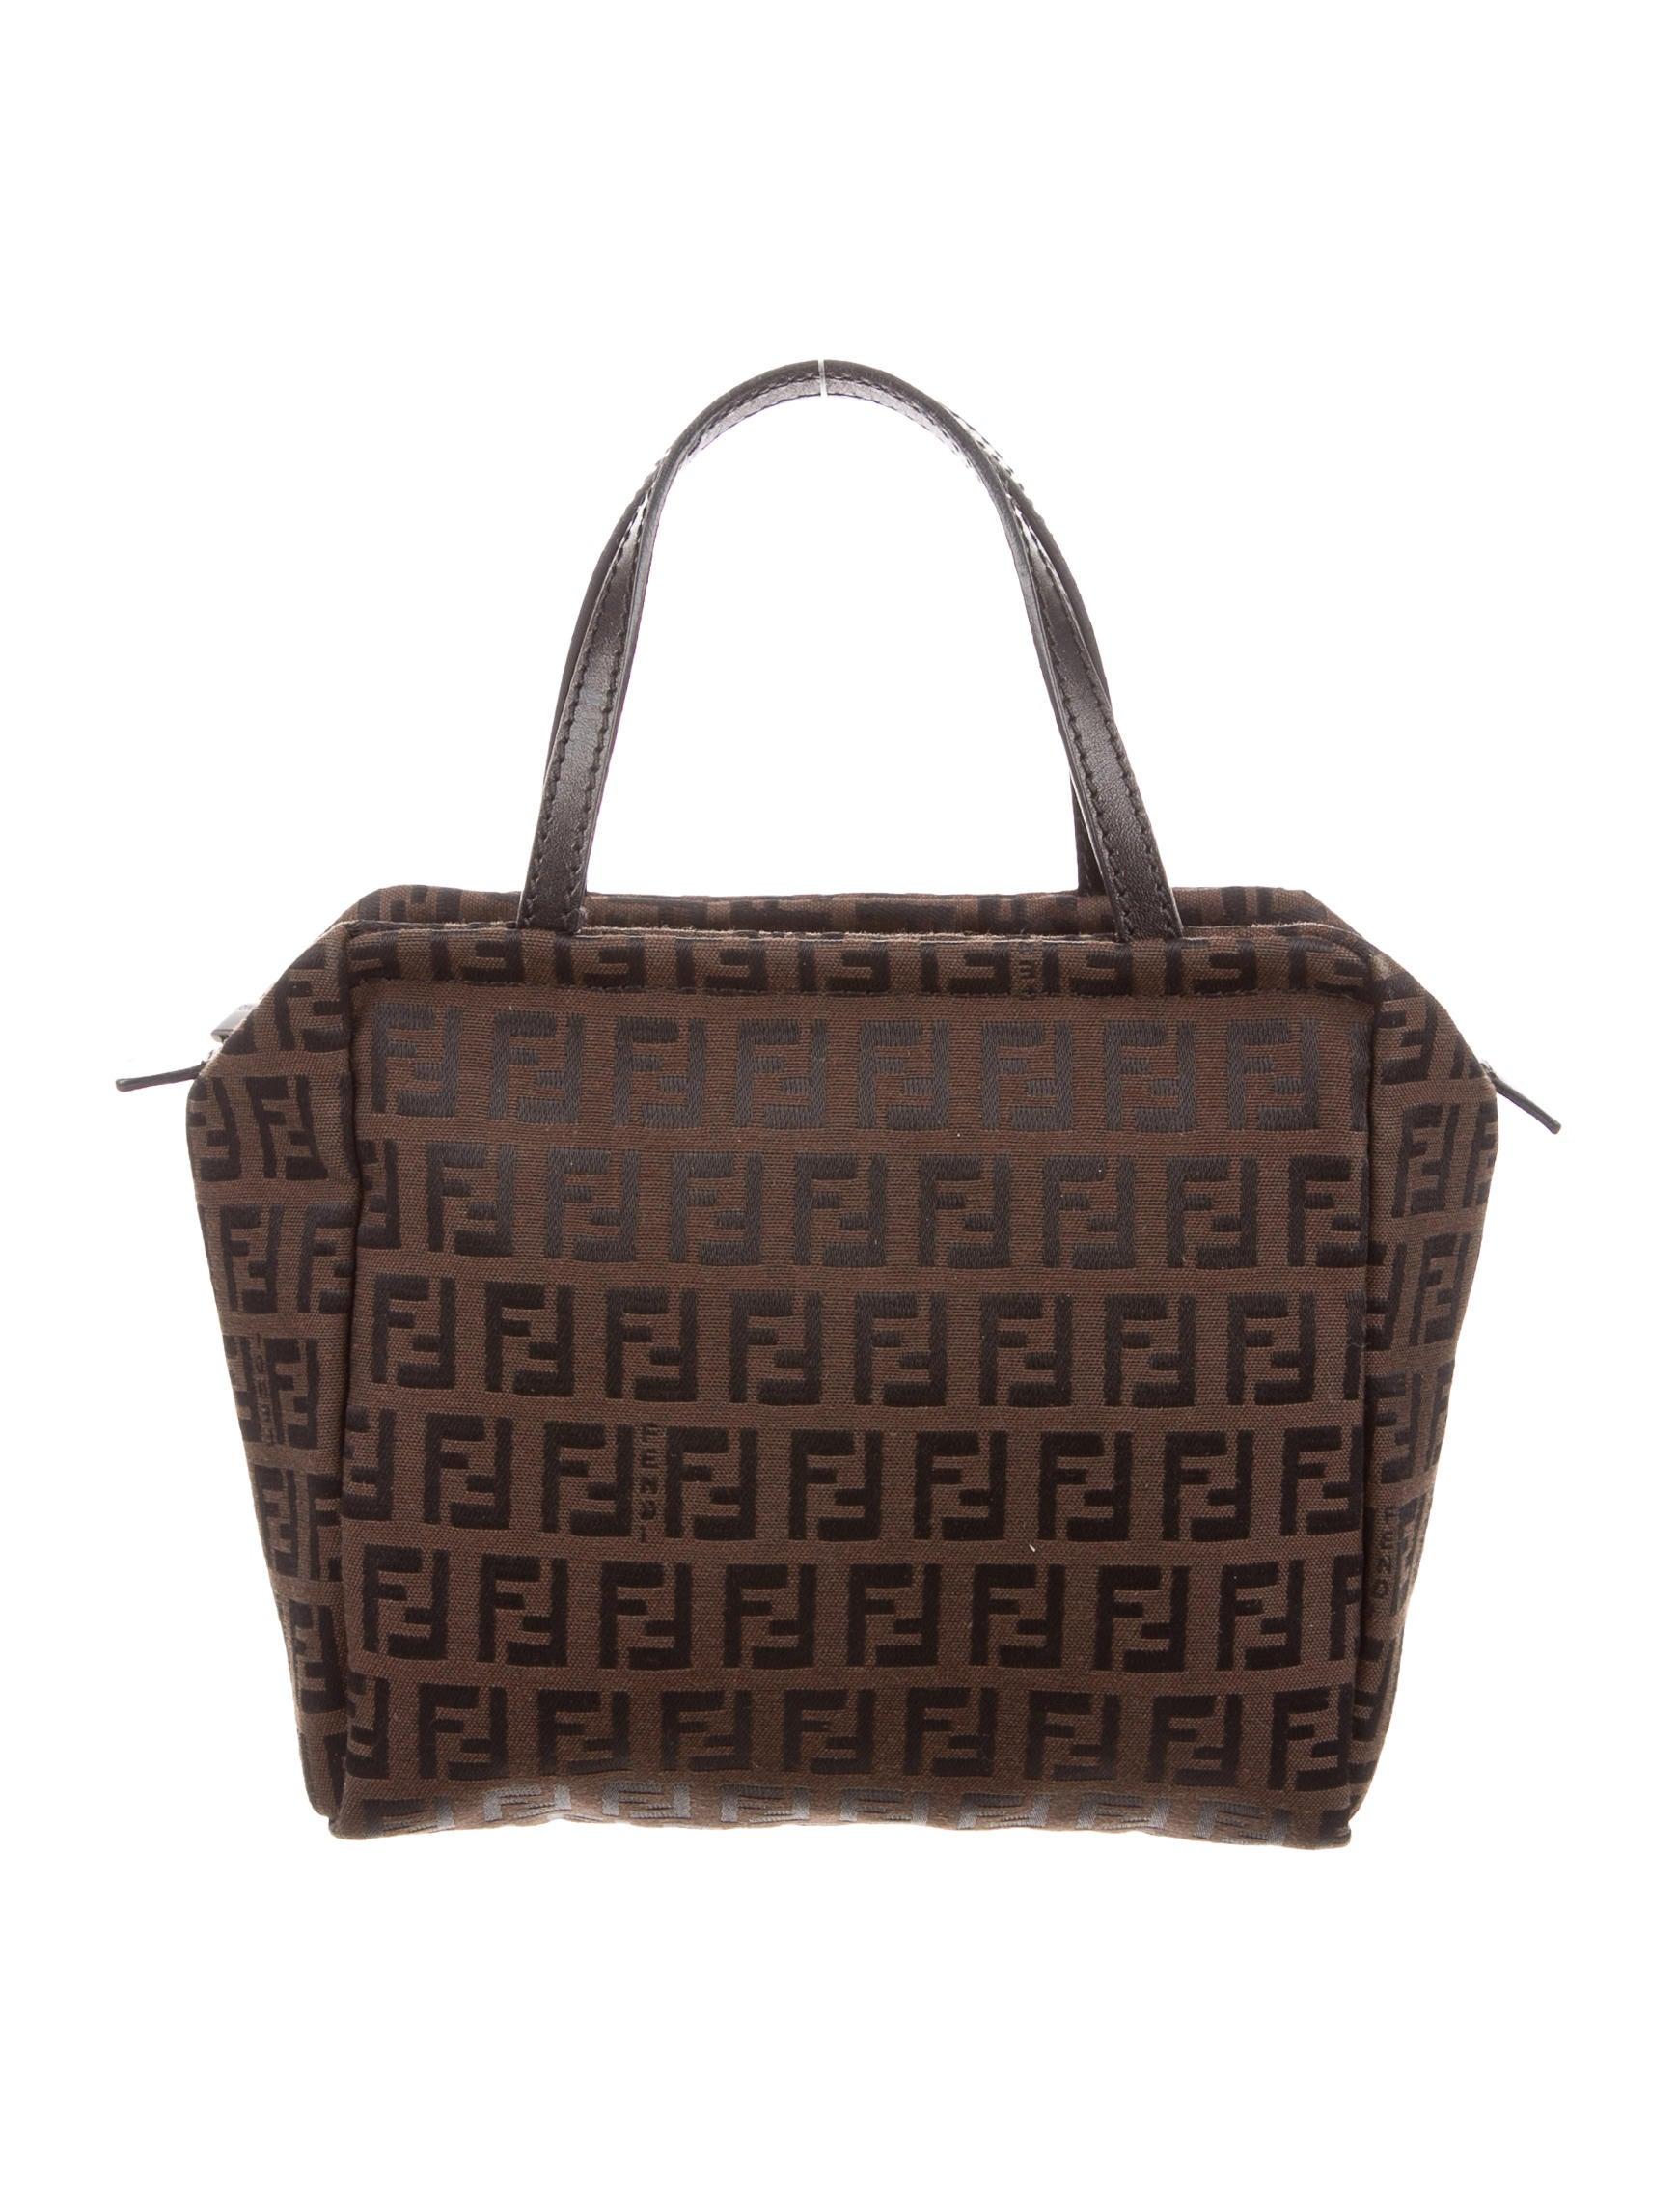 Eclectic Decor Fendi Zucchino Tote Bag Handbags Fen52896 The Realreal